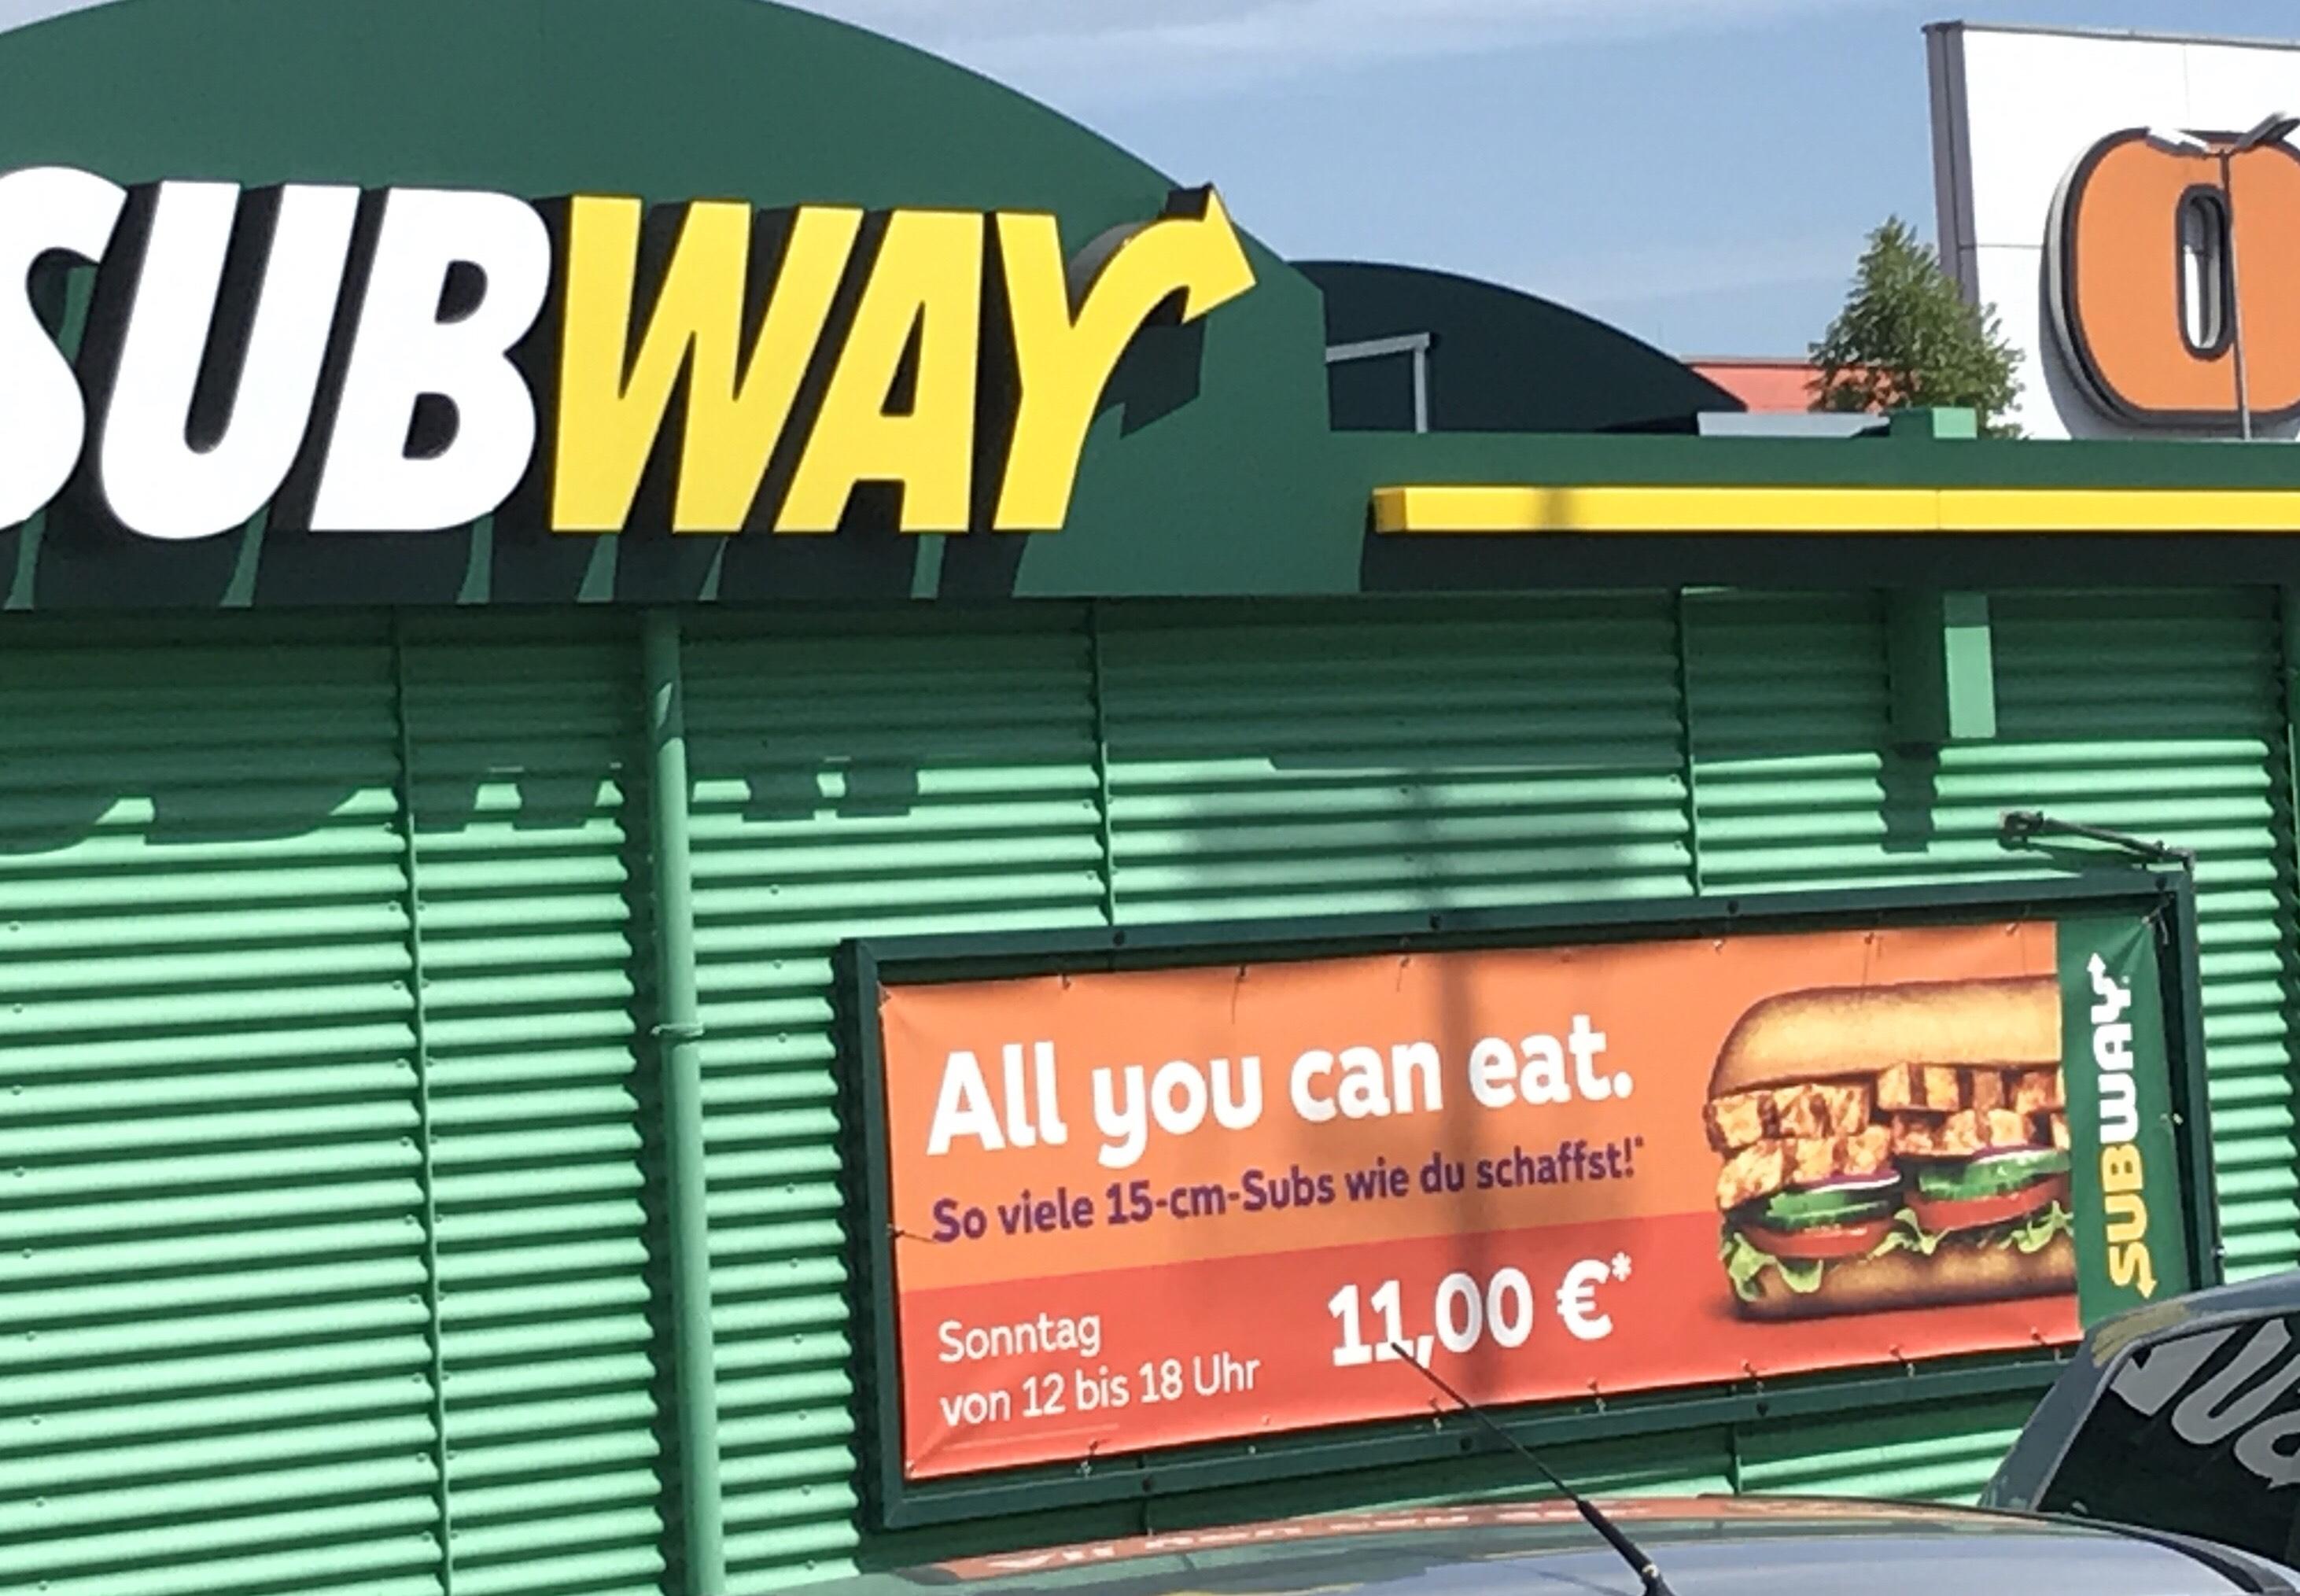 Subway all you can eat sonntags [Lokal Köln Godorf]